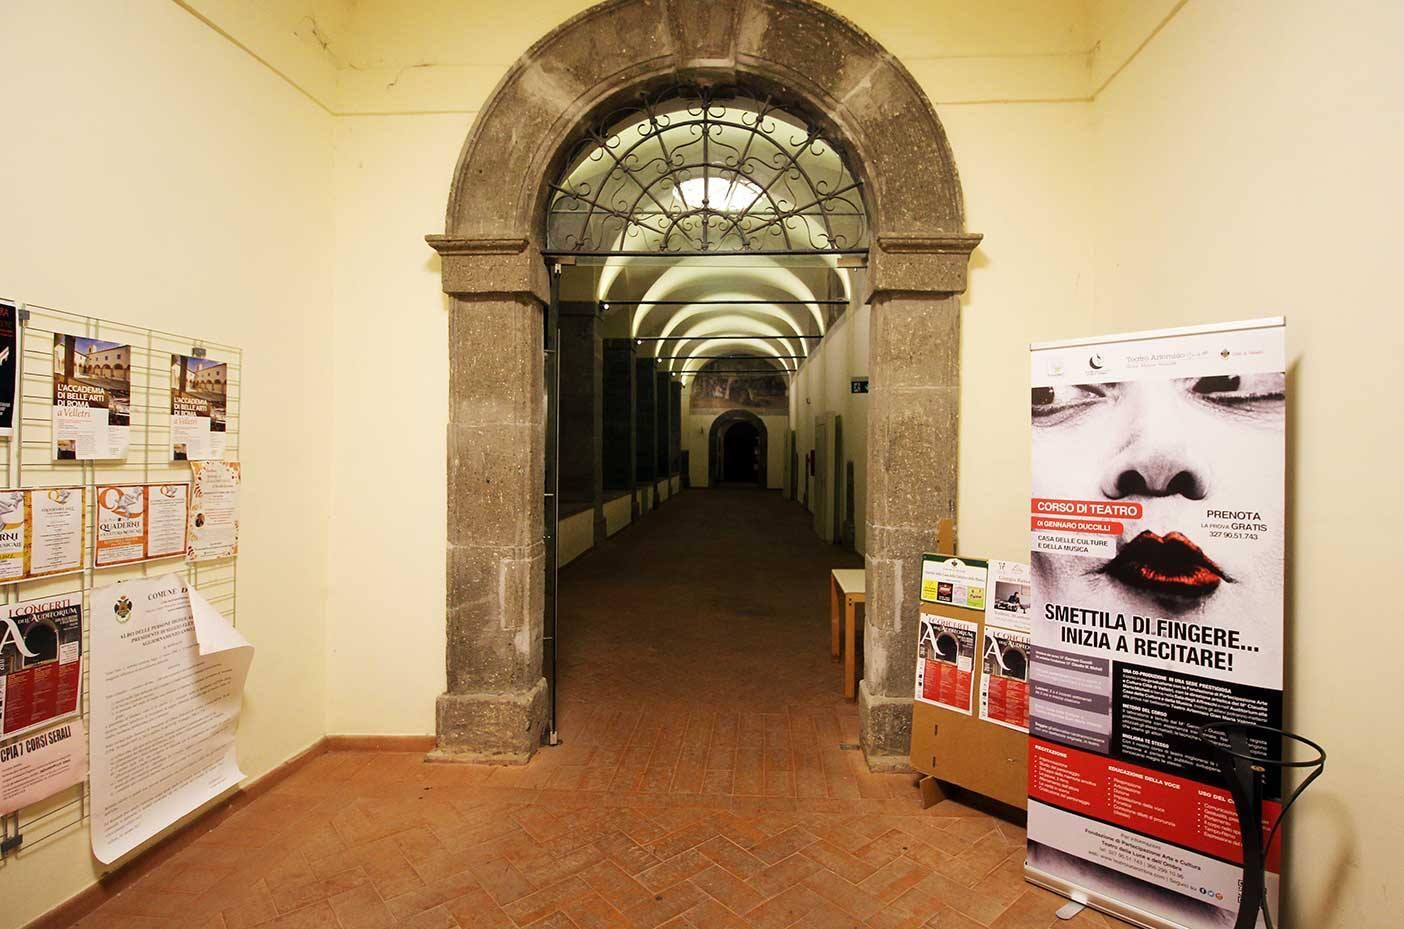 corso di recitazione castelli romani